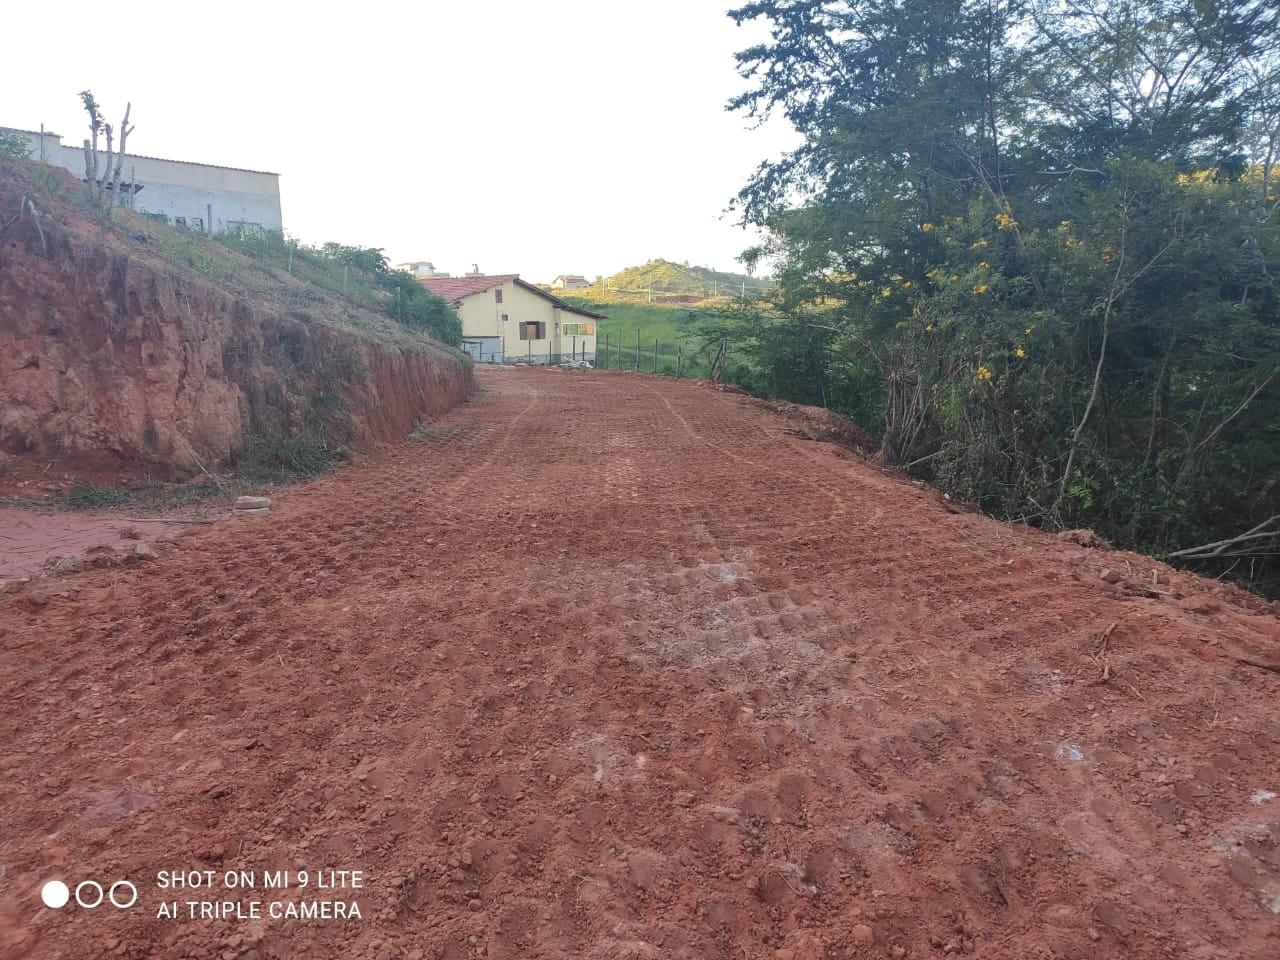 A Prefeitura Municipal de Dom Joaquim, continua trabalhando nas melhorias para toda a população.